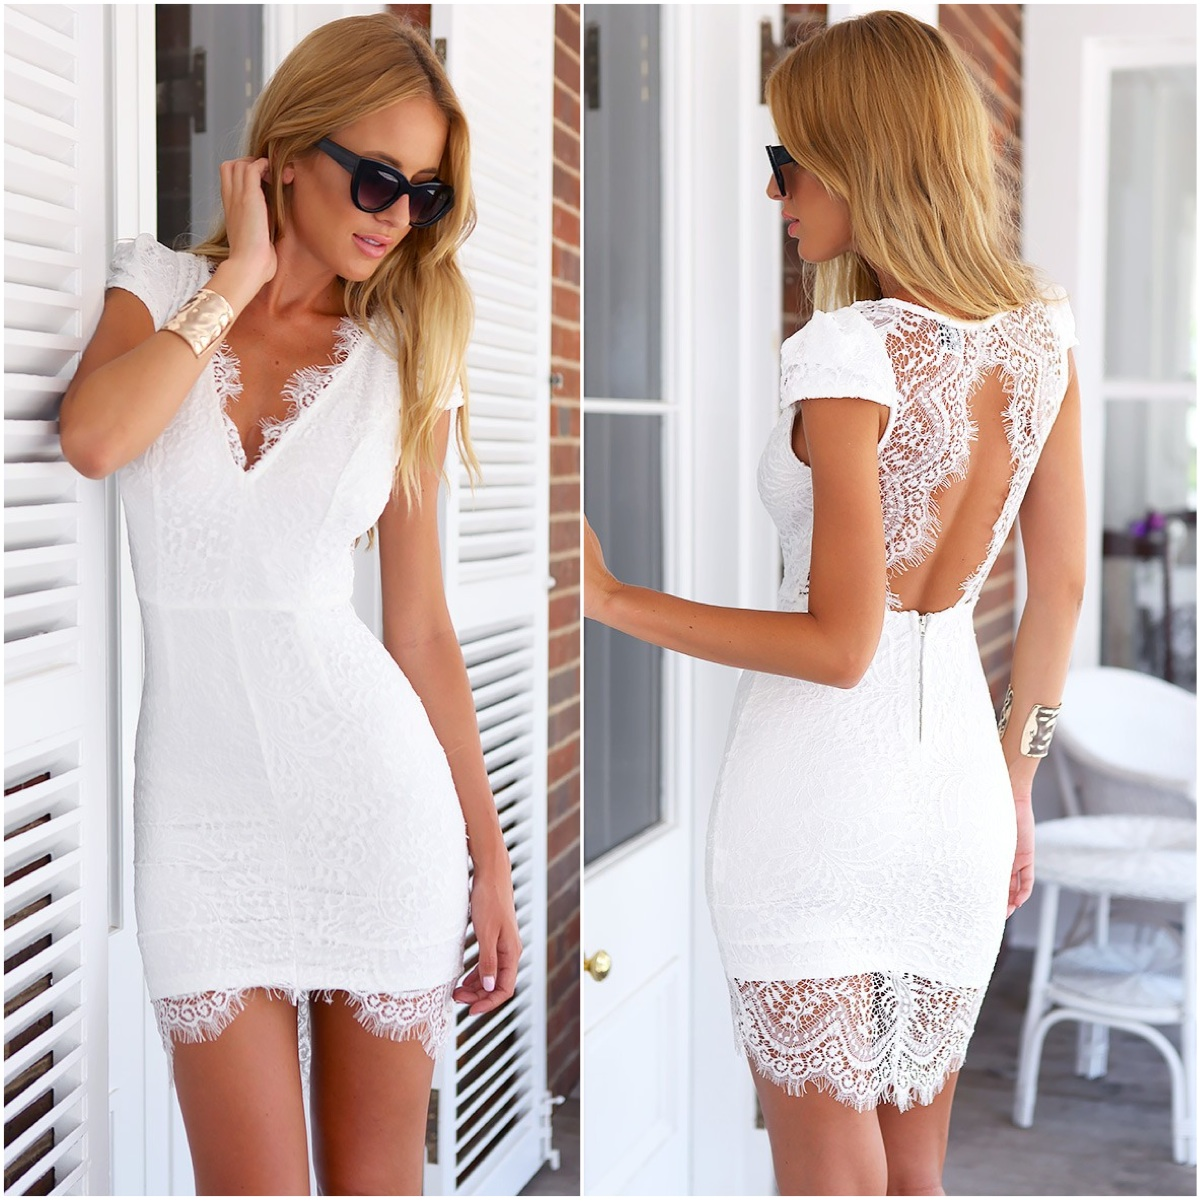 Mura boutique white lace dress